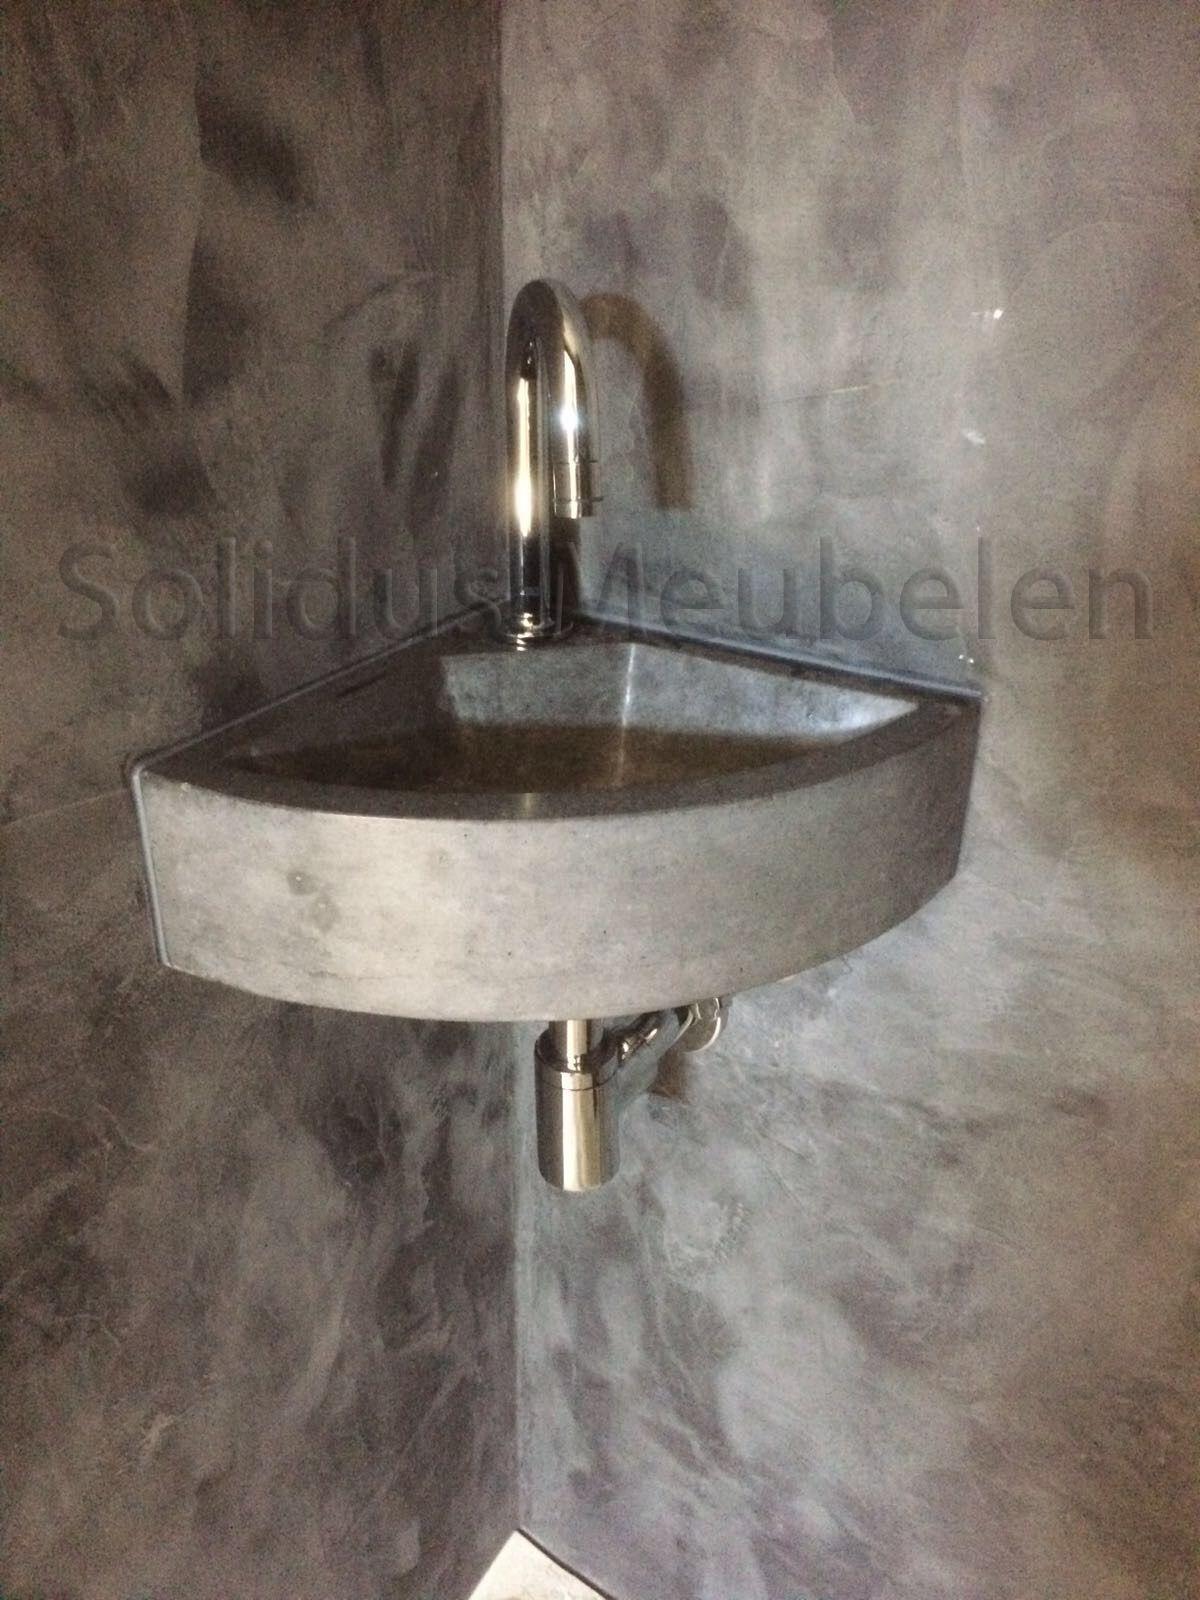 hoekfontein van beton toiletfonteinen van beton pinterest toilet